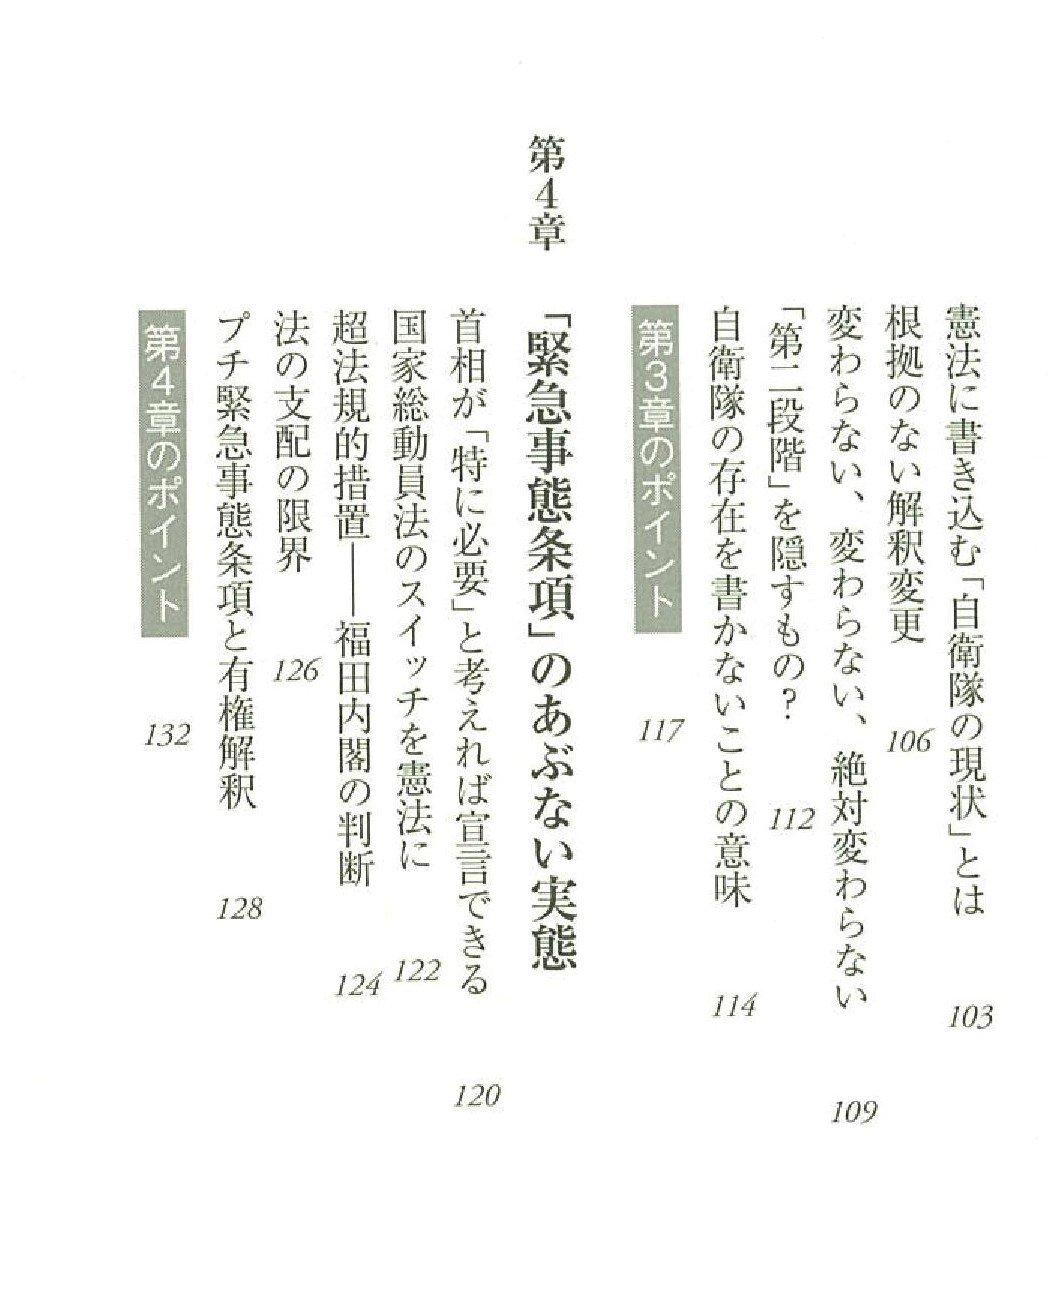 ブログ 国家 総動員 法